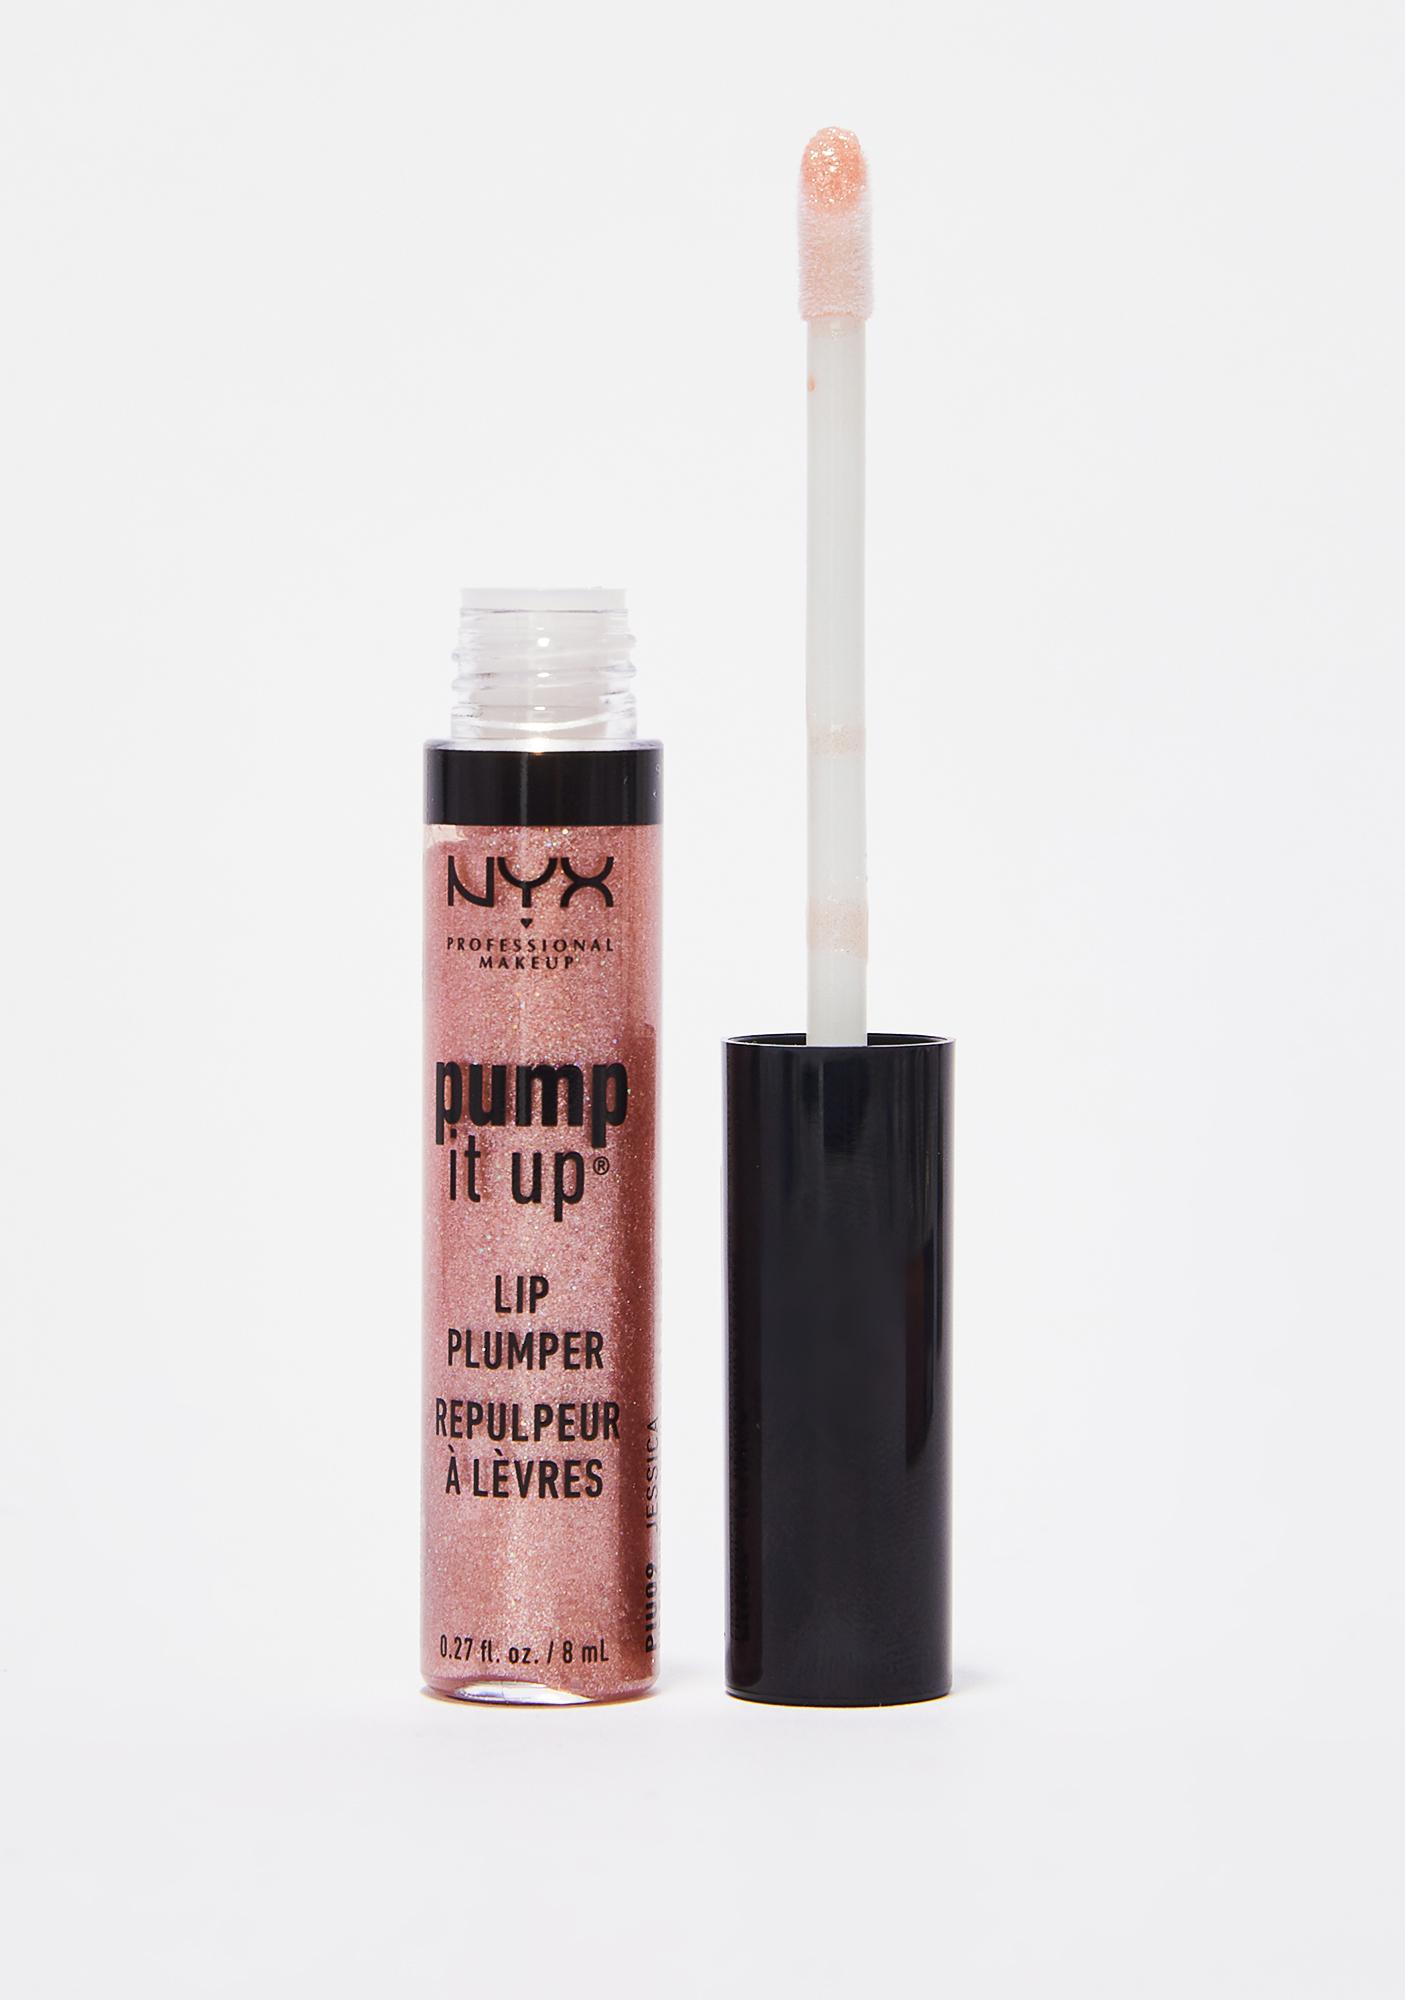 NYX Lisa Pump It Up Lip Plumper